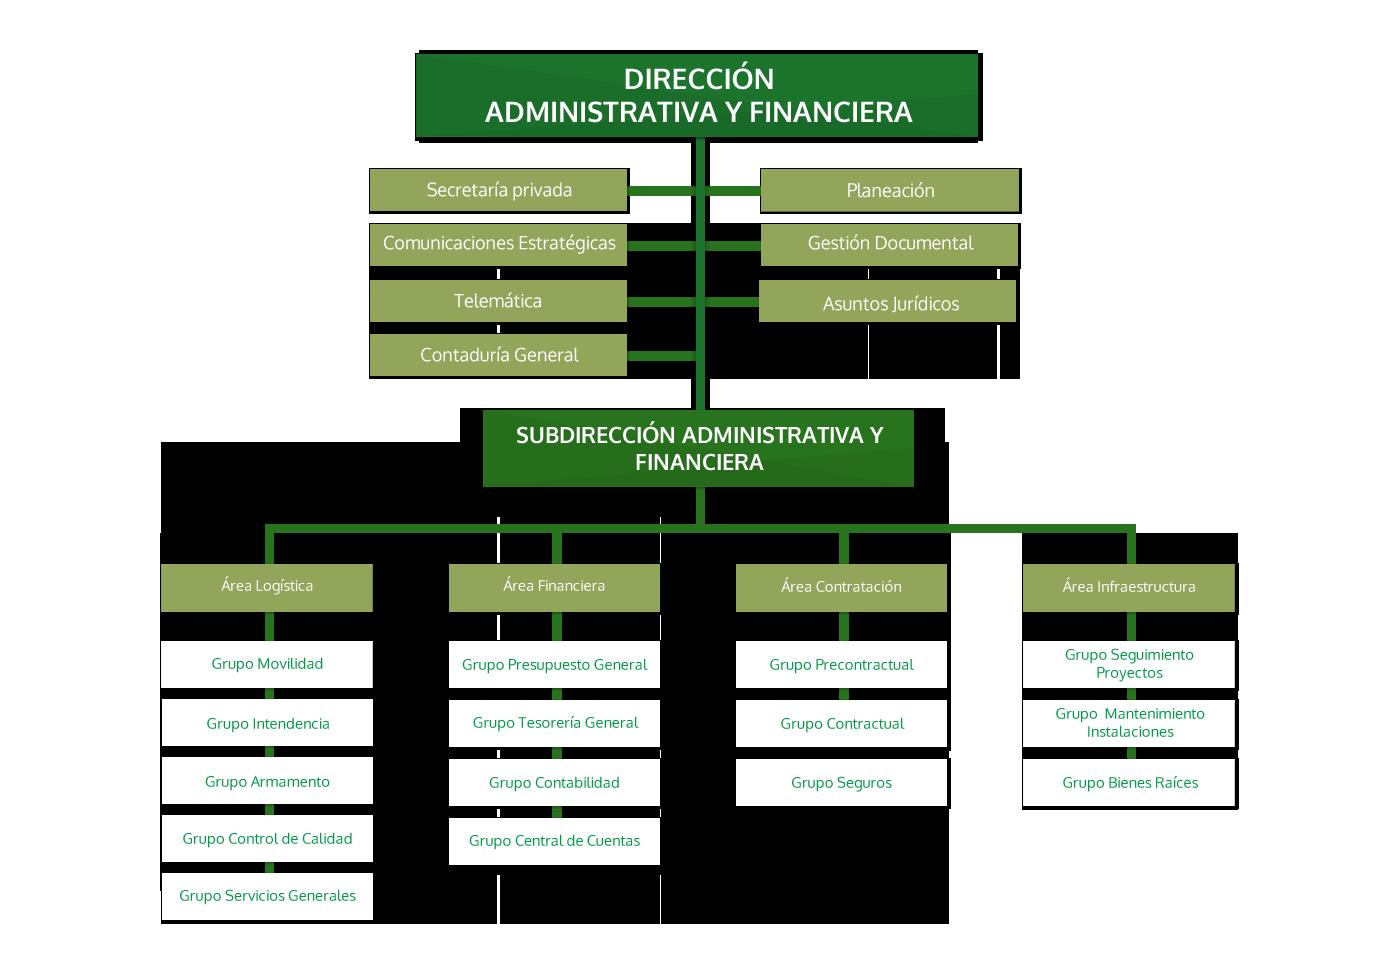 Dirección-Administrativa y Financiera